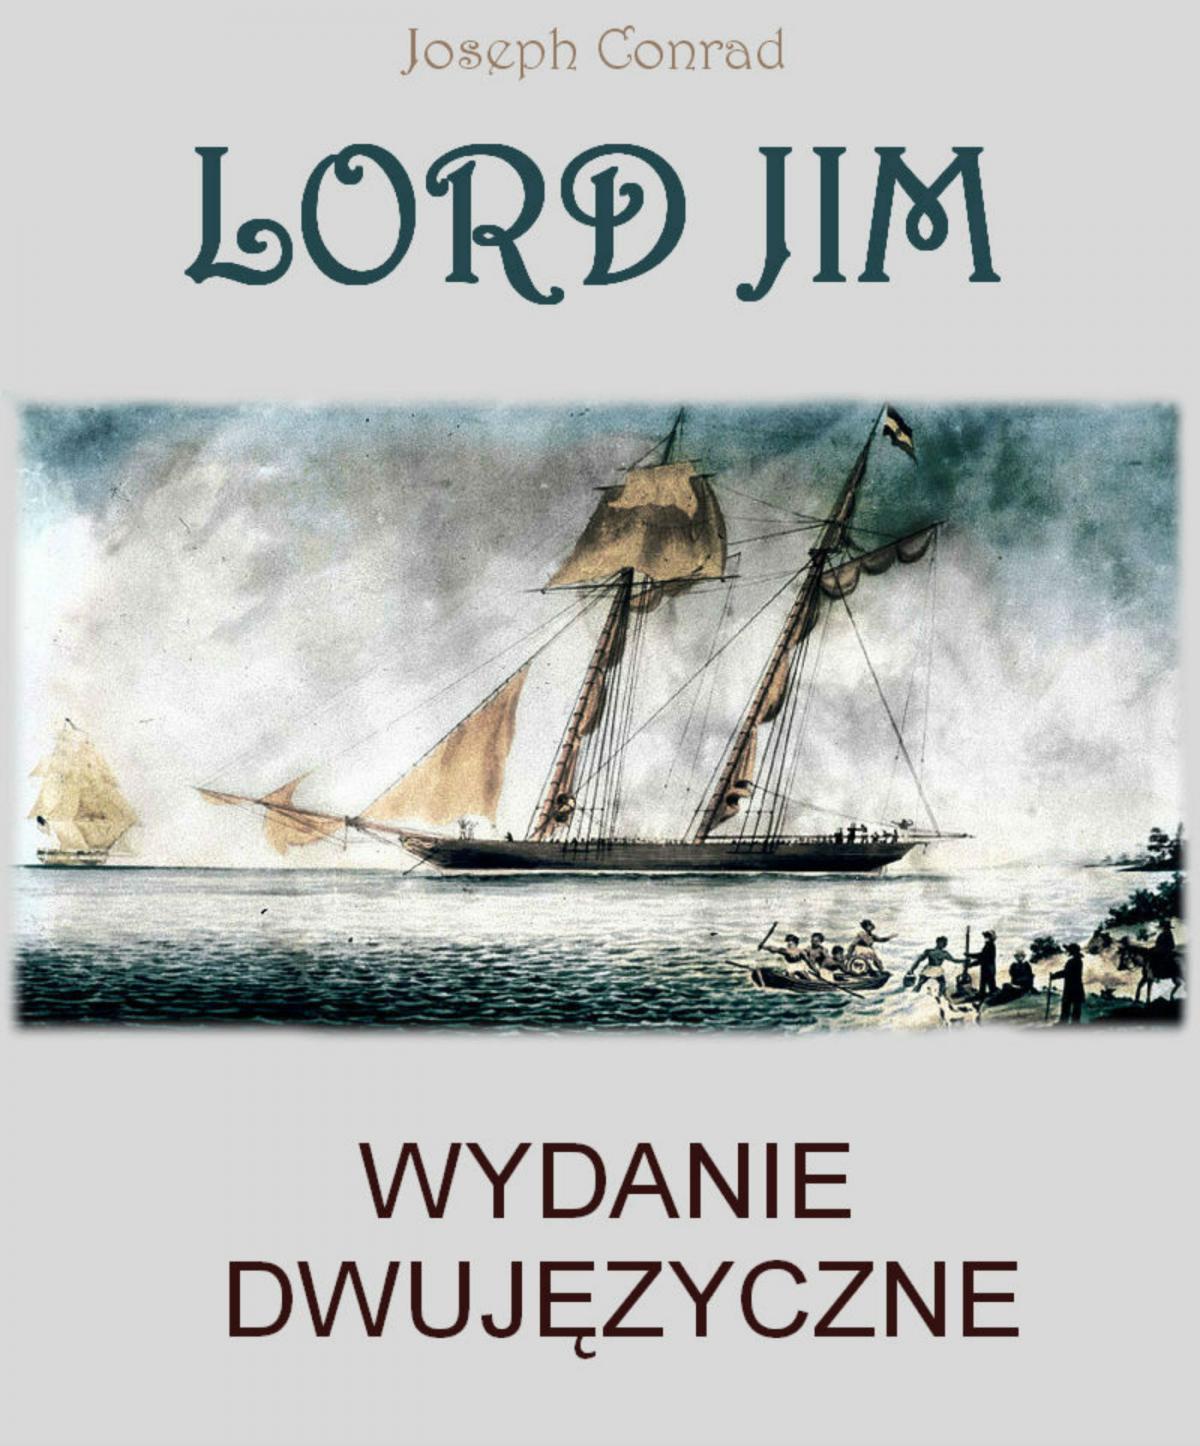 Lord Jim. Wydanie dwujęzyczne angielsko-polskie - Ebook (Książka PDF) do pobrania w formacie PDF